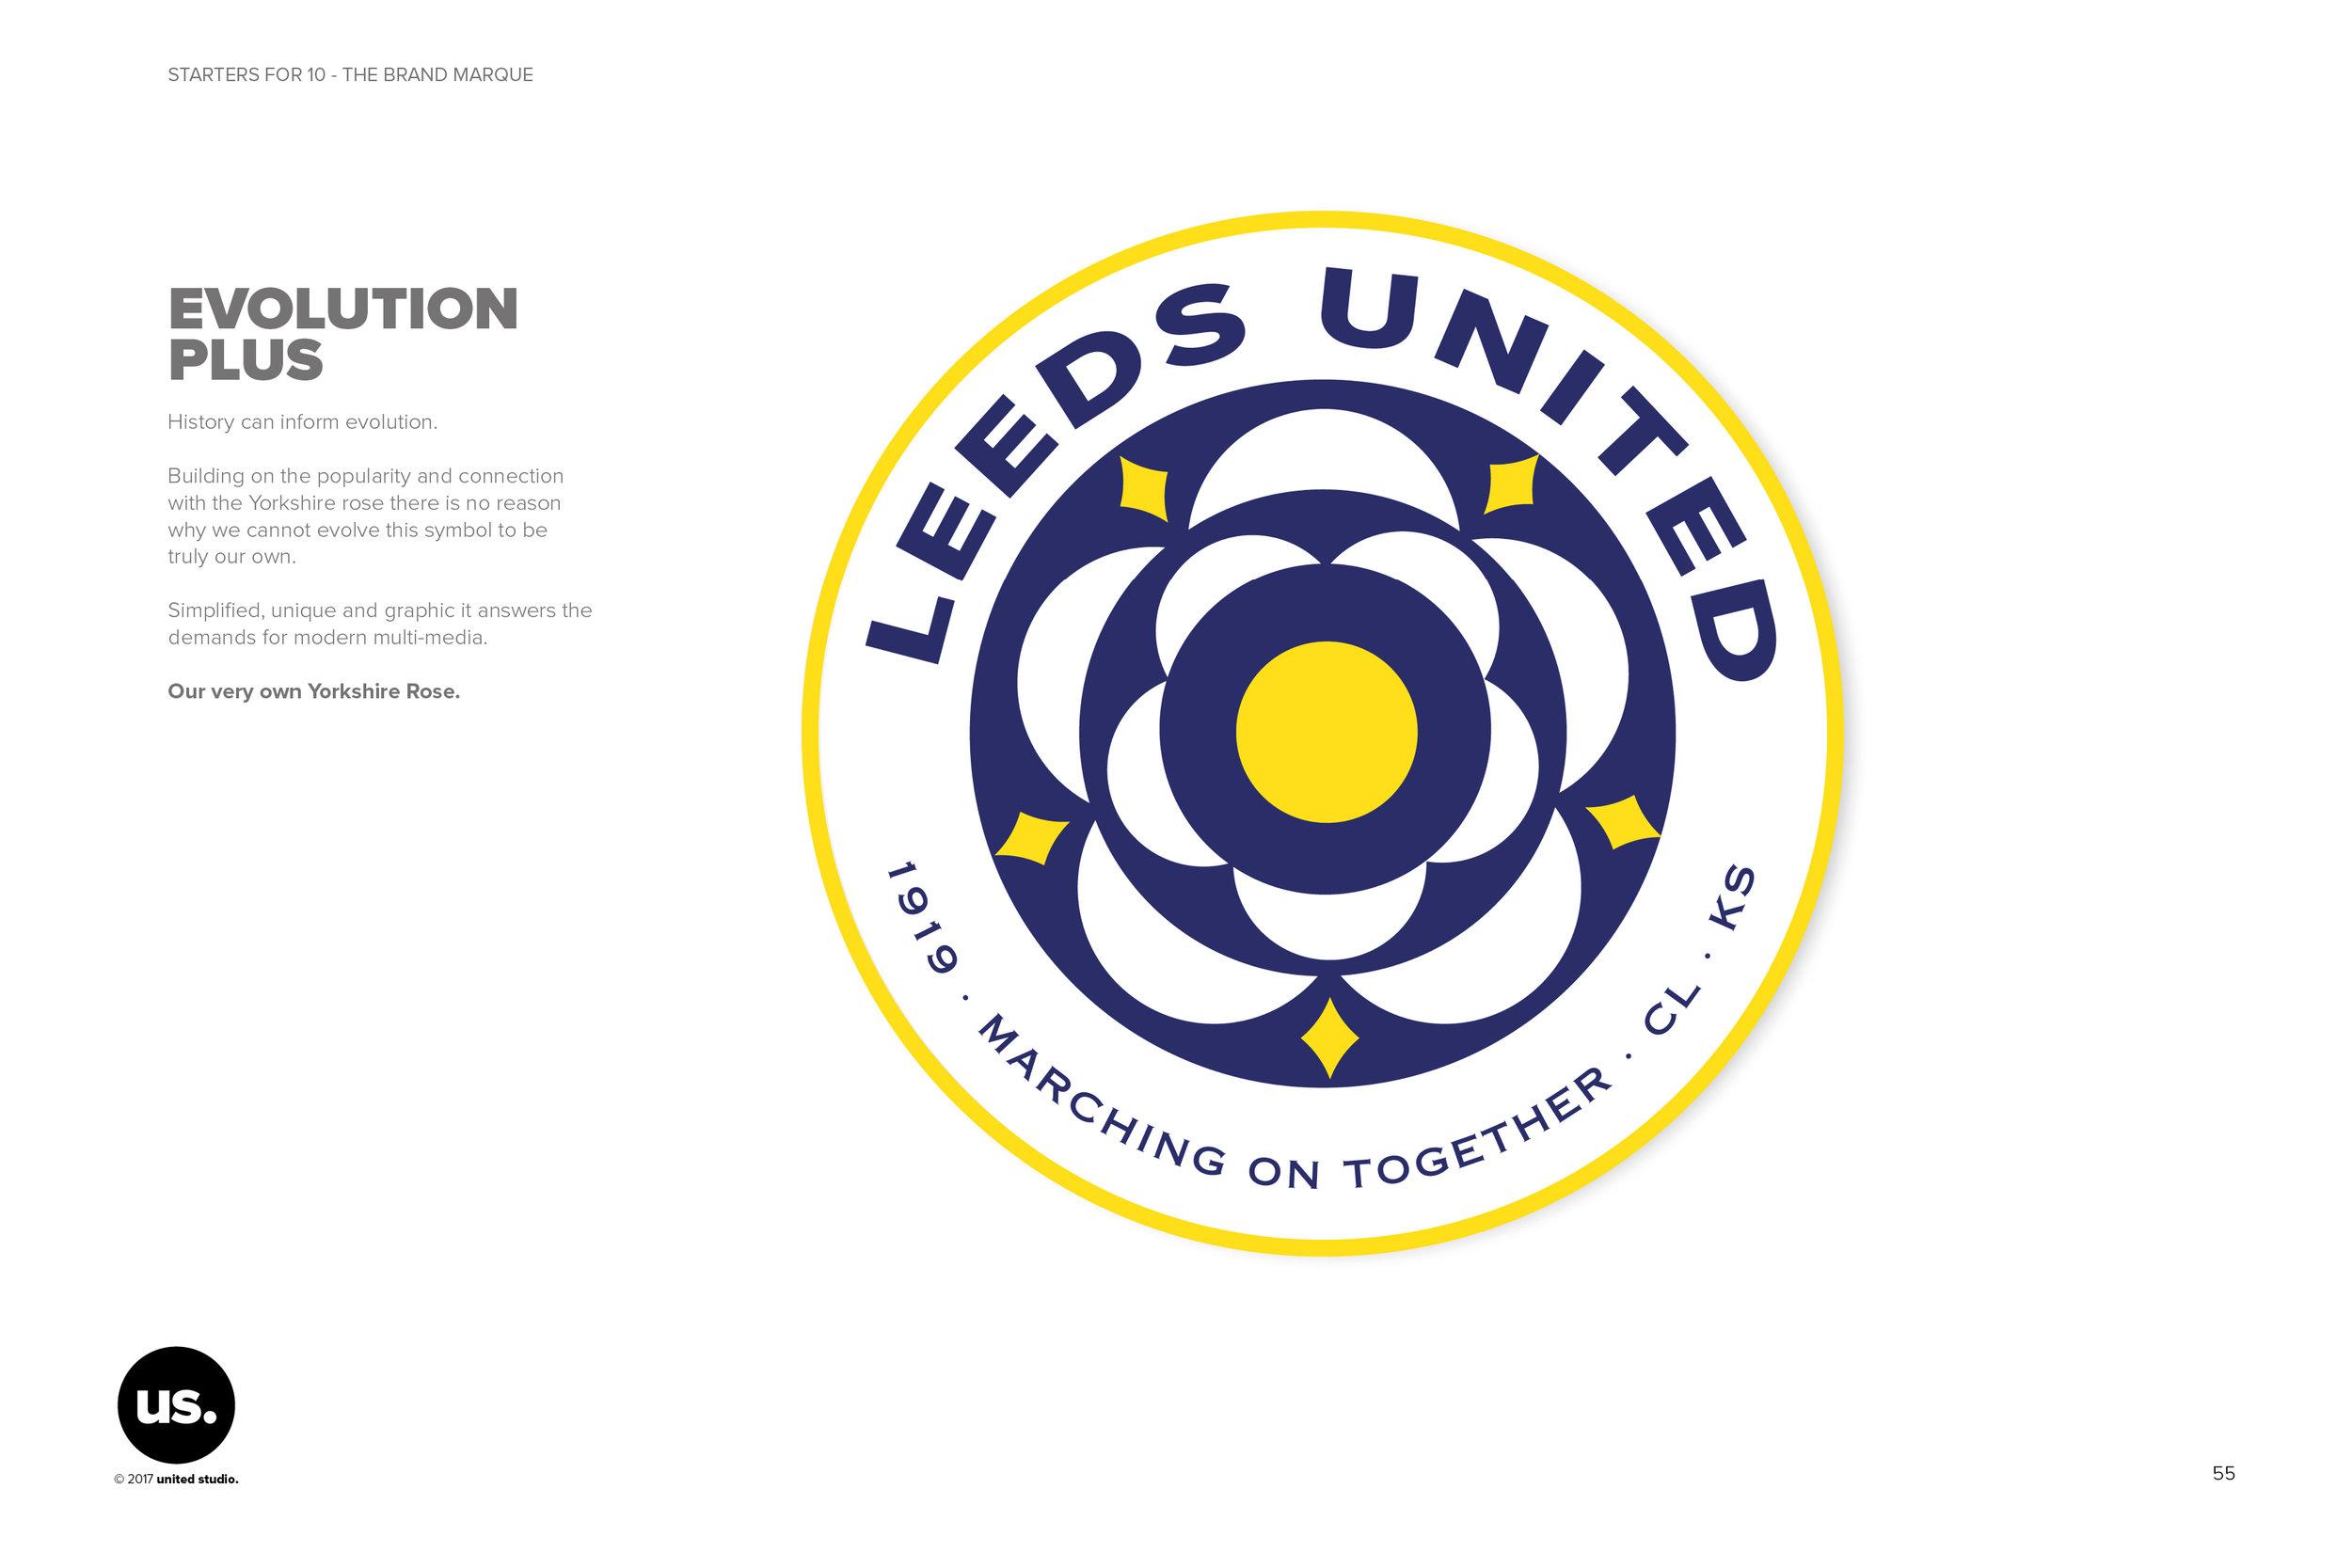 LUFC_united_studio_v23b55.jpg